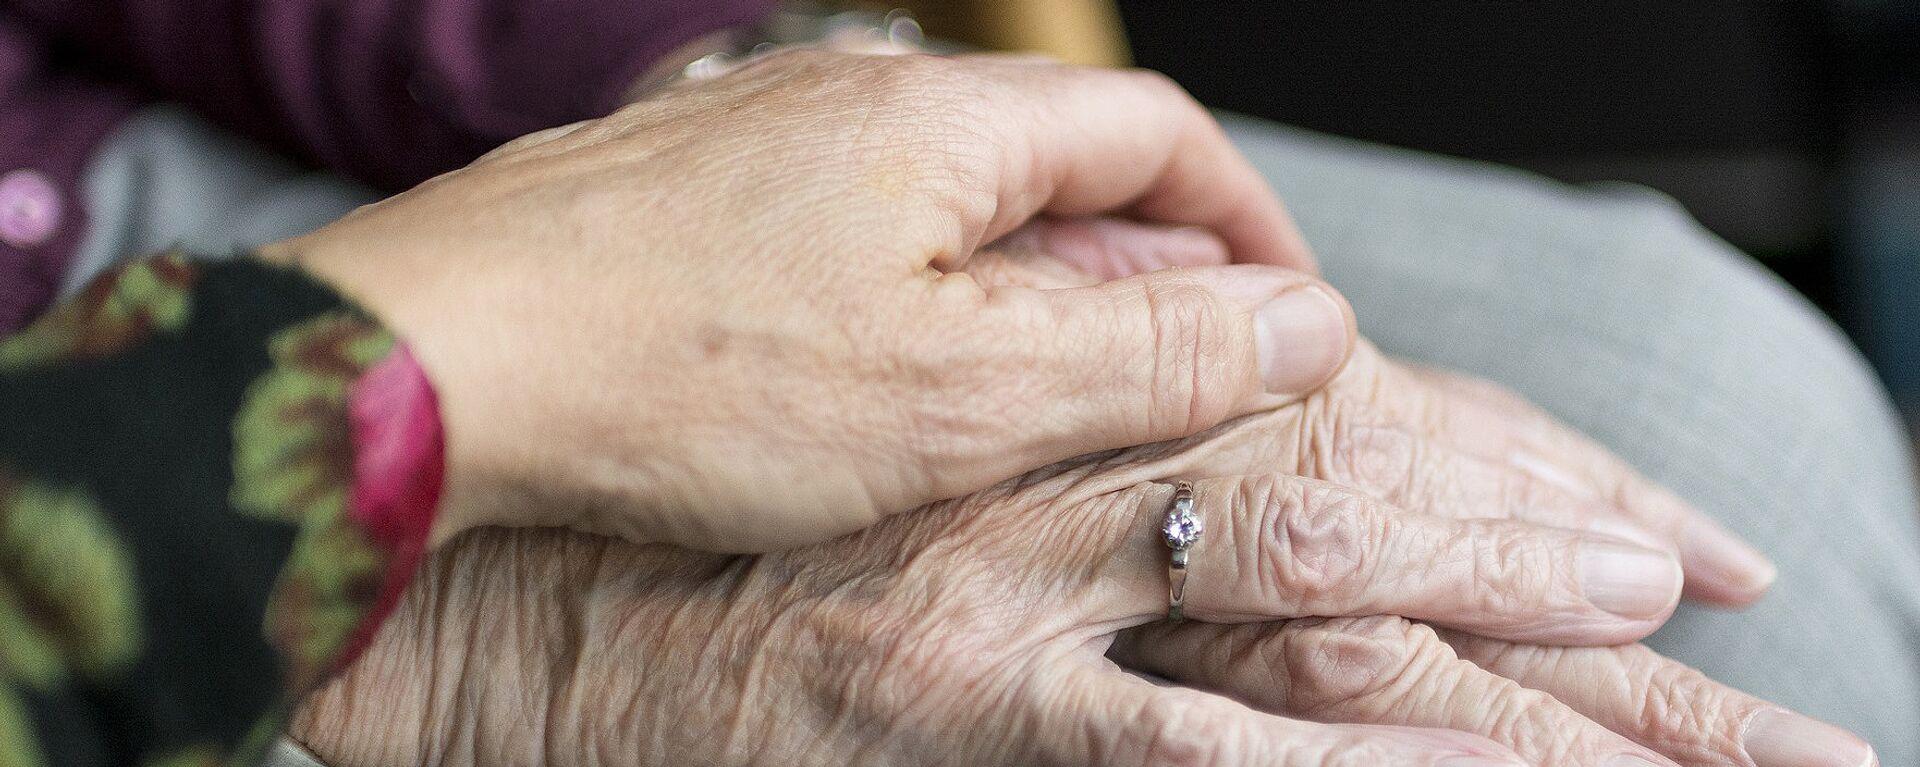 Руки пожилой женщины - Sputnik Аҧсны, 1920, 12.09.2021